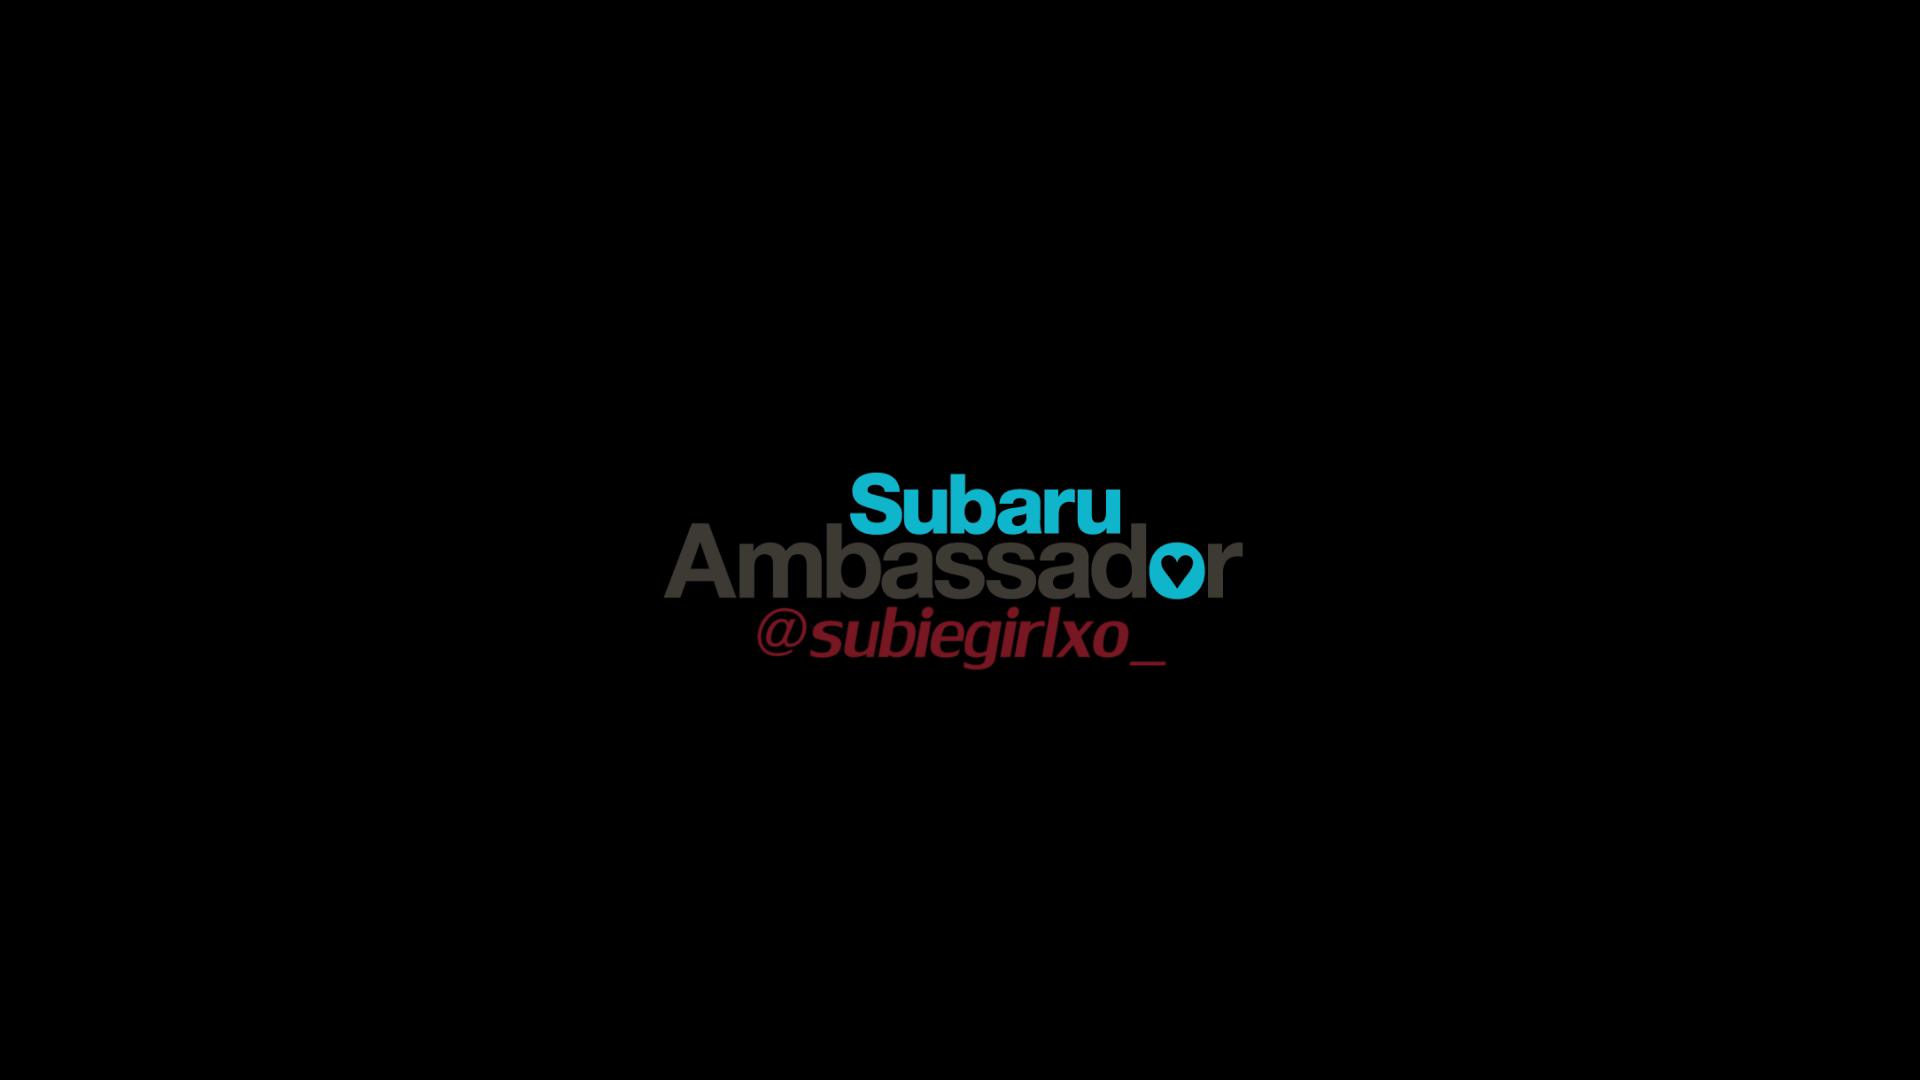 Subaru